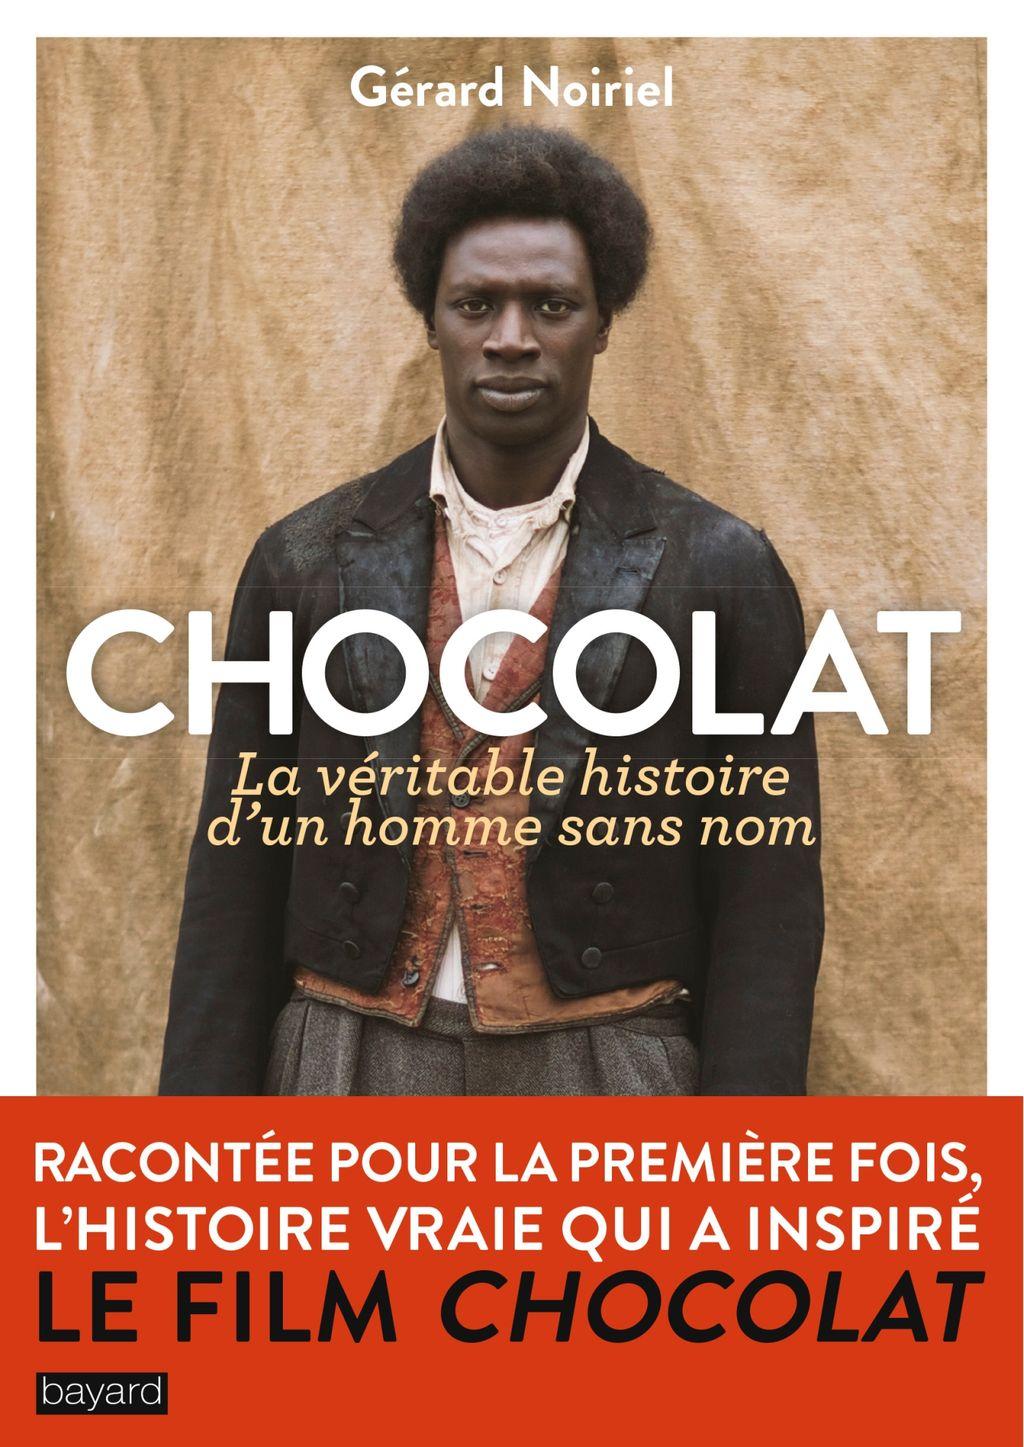 «CHOCOLAT, LA VÉRITABLE HISTOIRE D'UN HOMME SANS NOM» cover